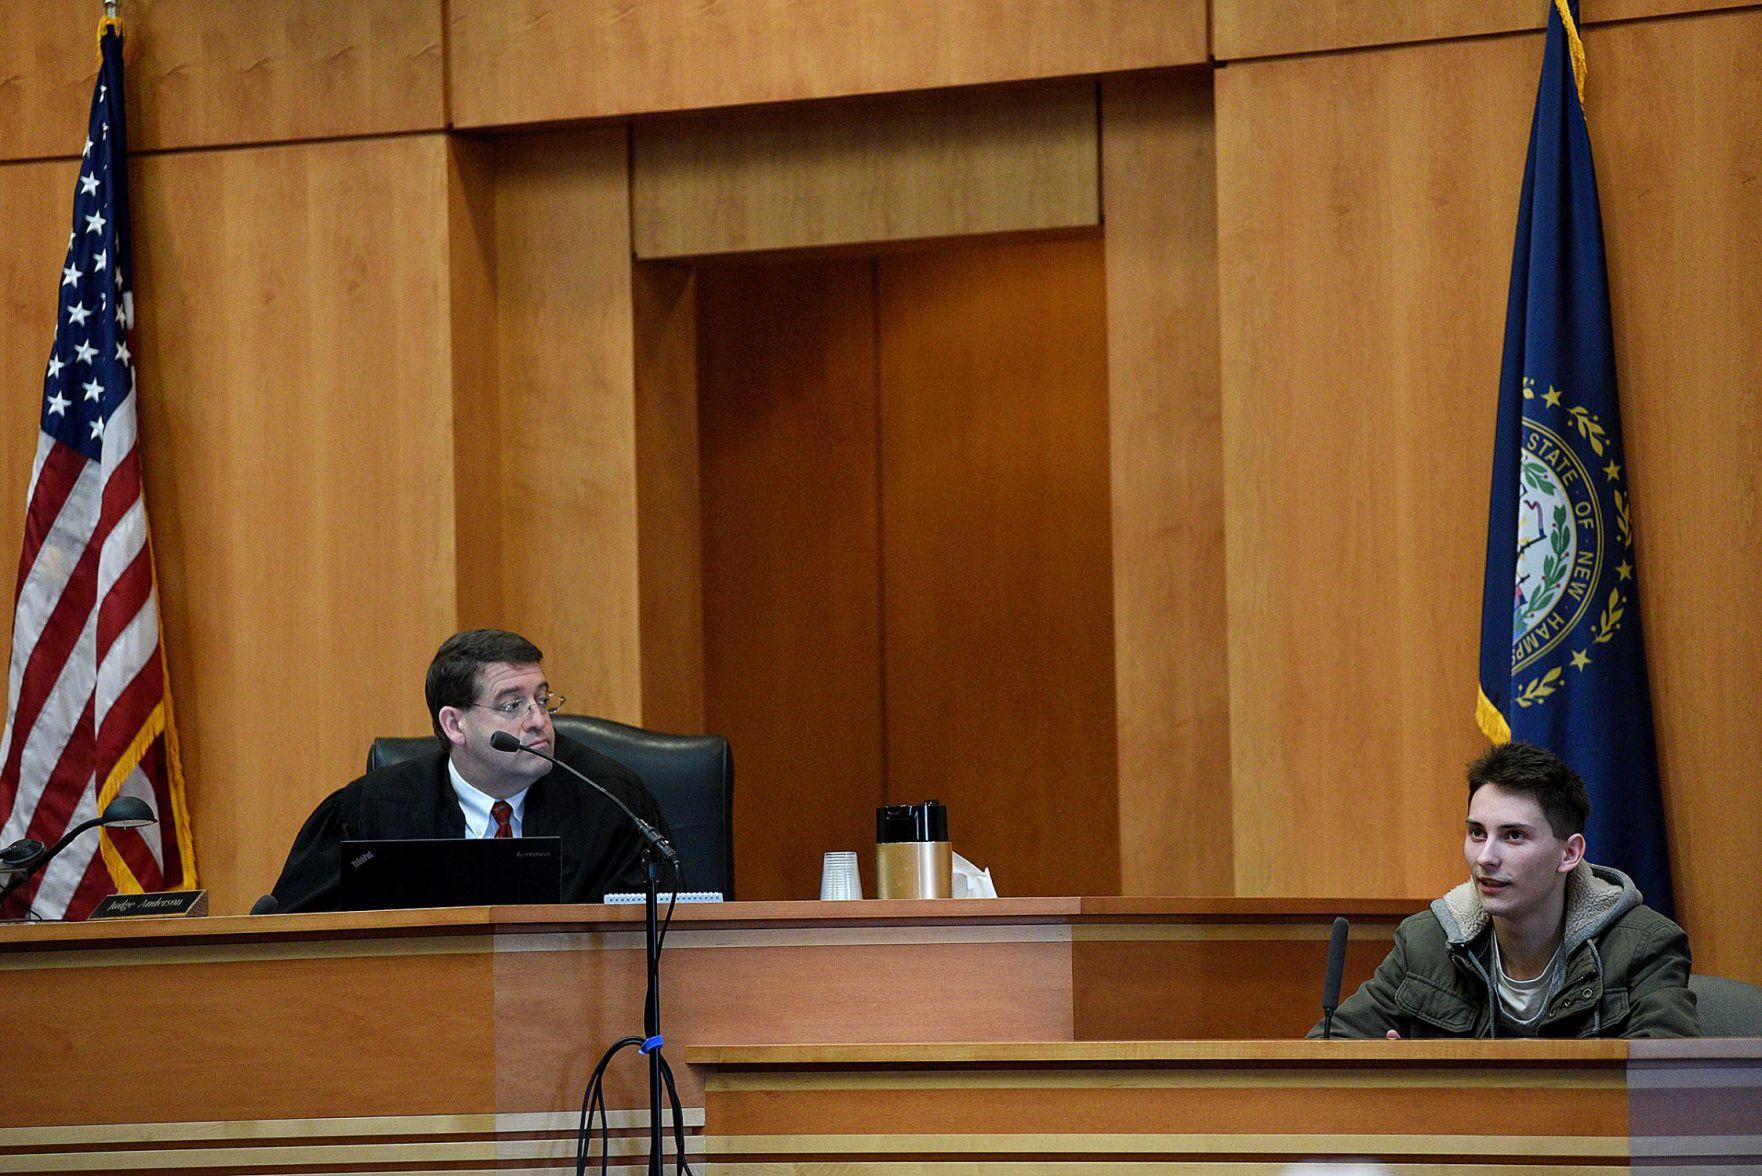 Judge David Anderson